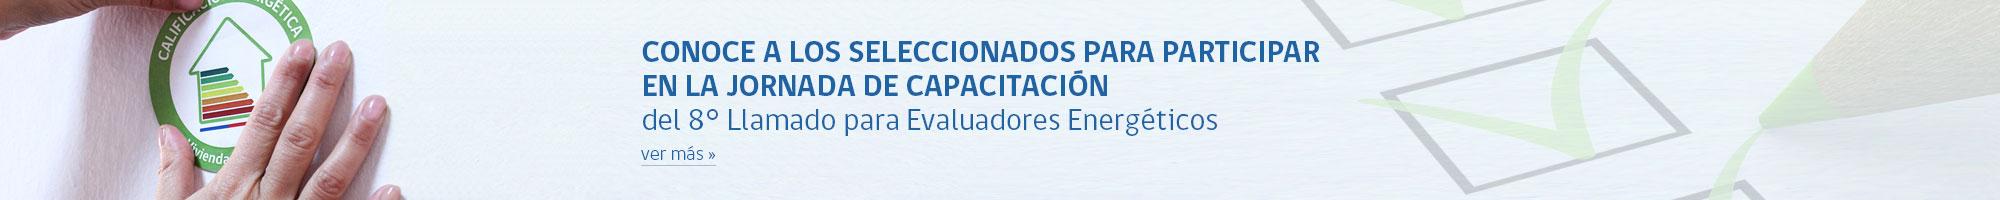 Seleccionados-Jornada-Capacitacion-8vo-llamado-1